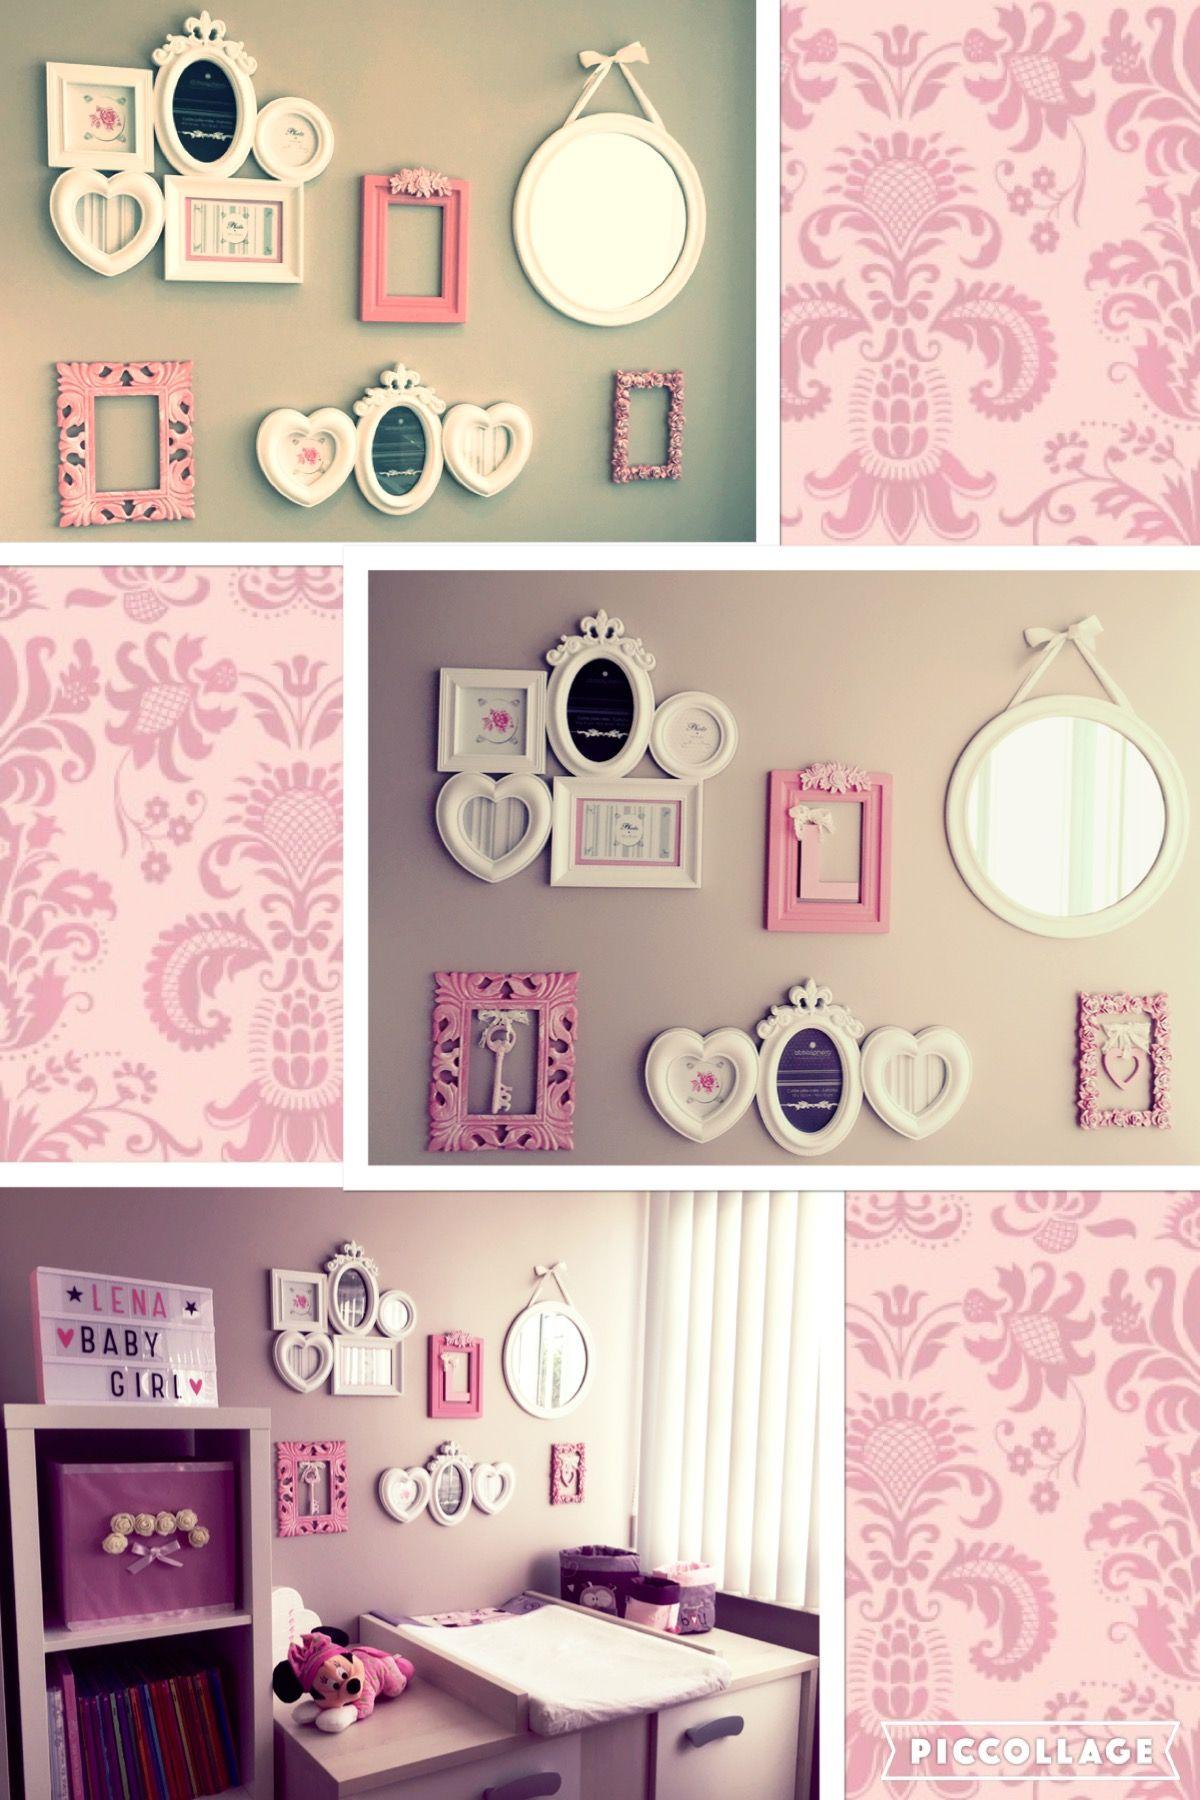 Déco du mur de la chambre #cadres #photos #miroir #blanc #rose ...